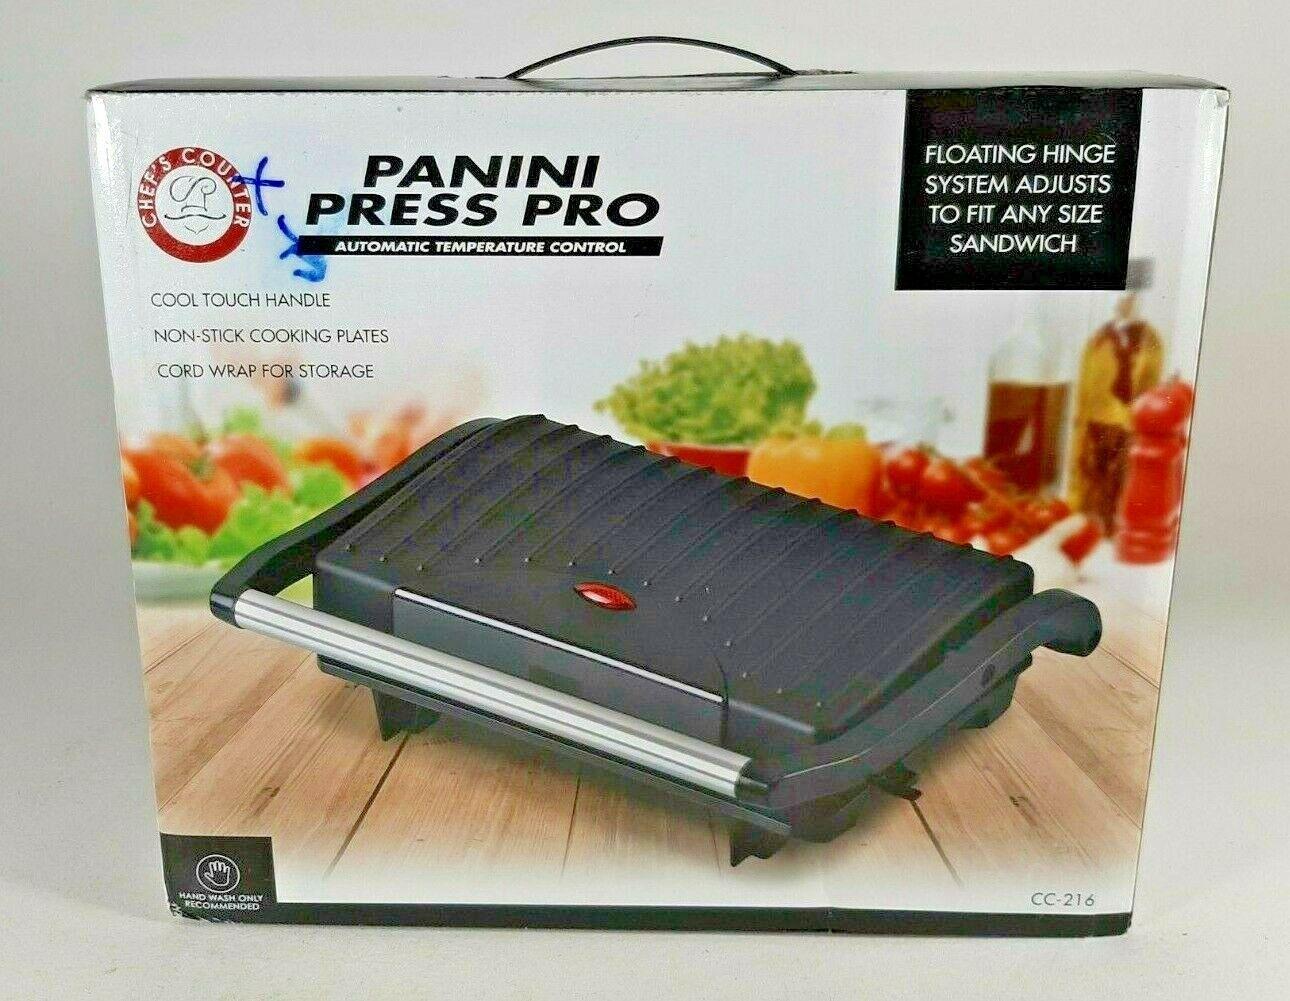 Chef's Counter Panini Press Pro - New in Box